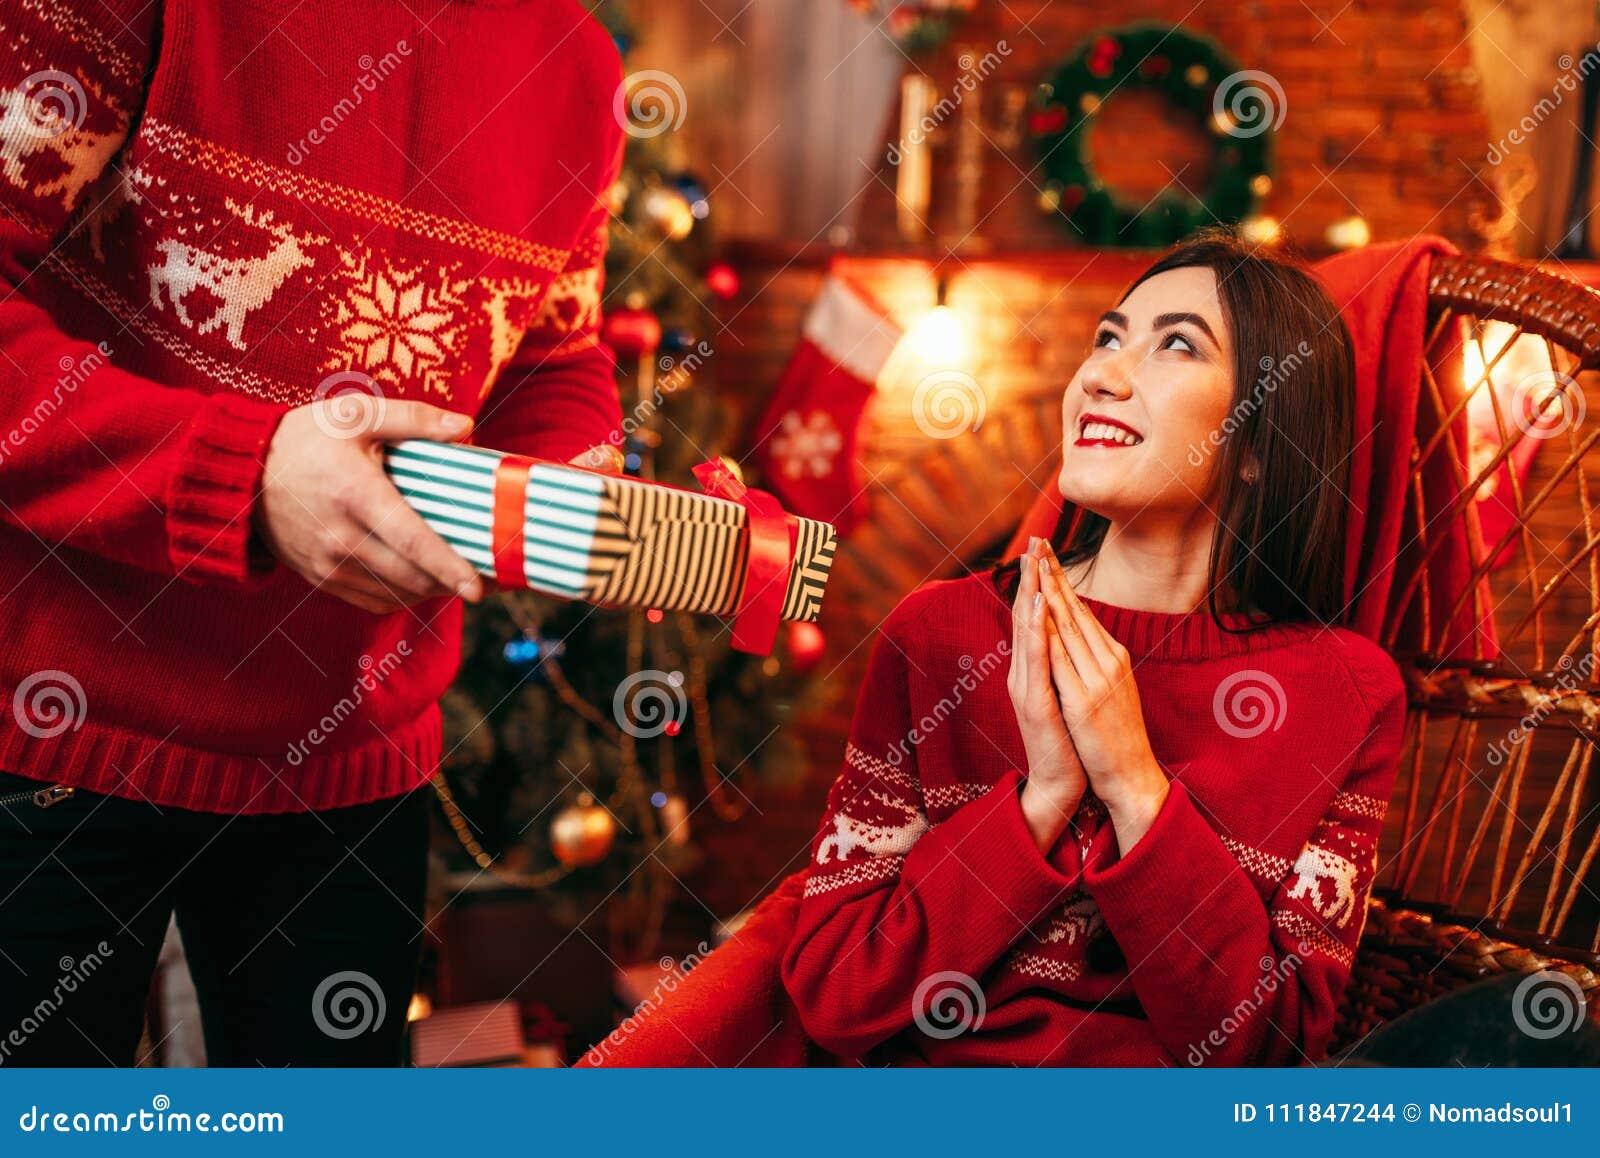 Weihnachten, Männliche Person Macht Der Schönheit Geschenk Stockfoto ...